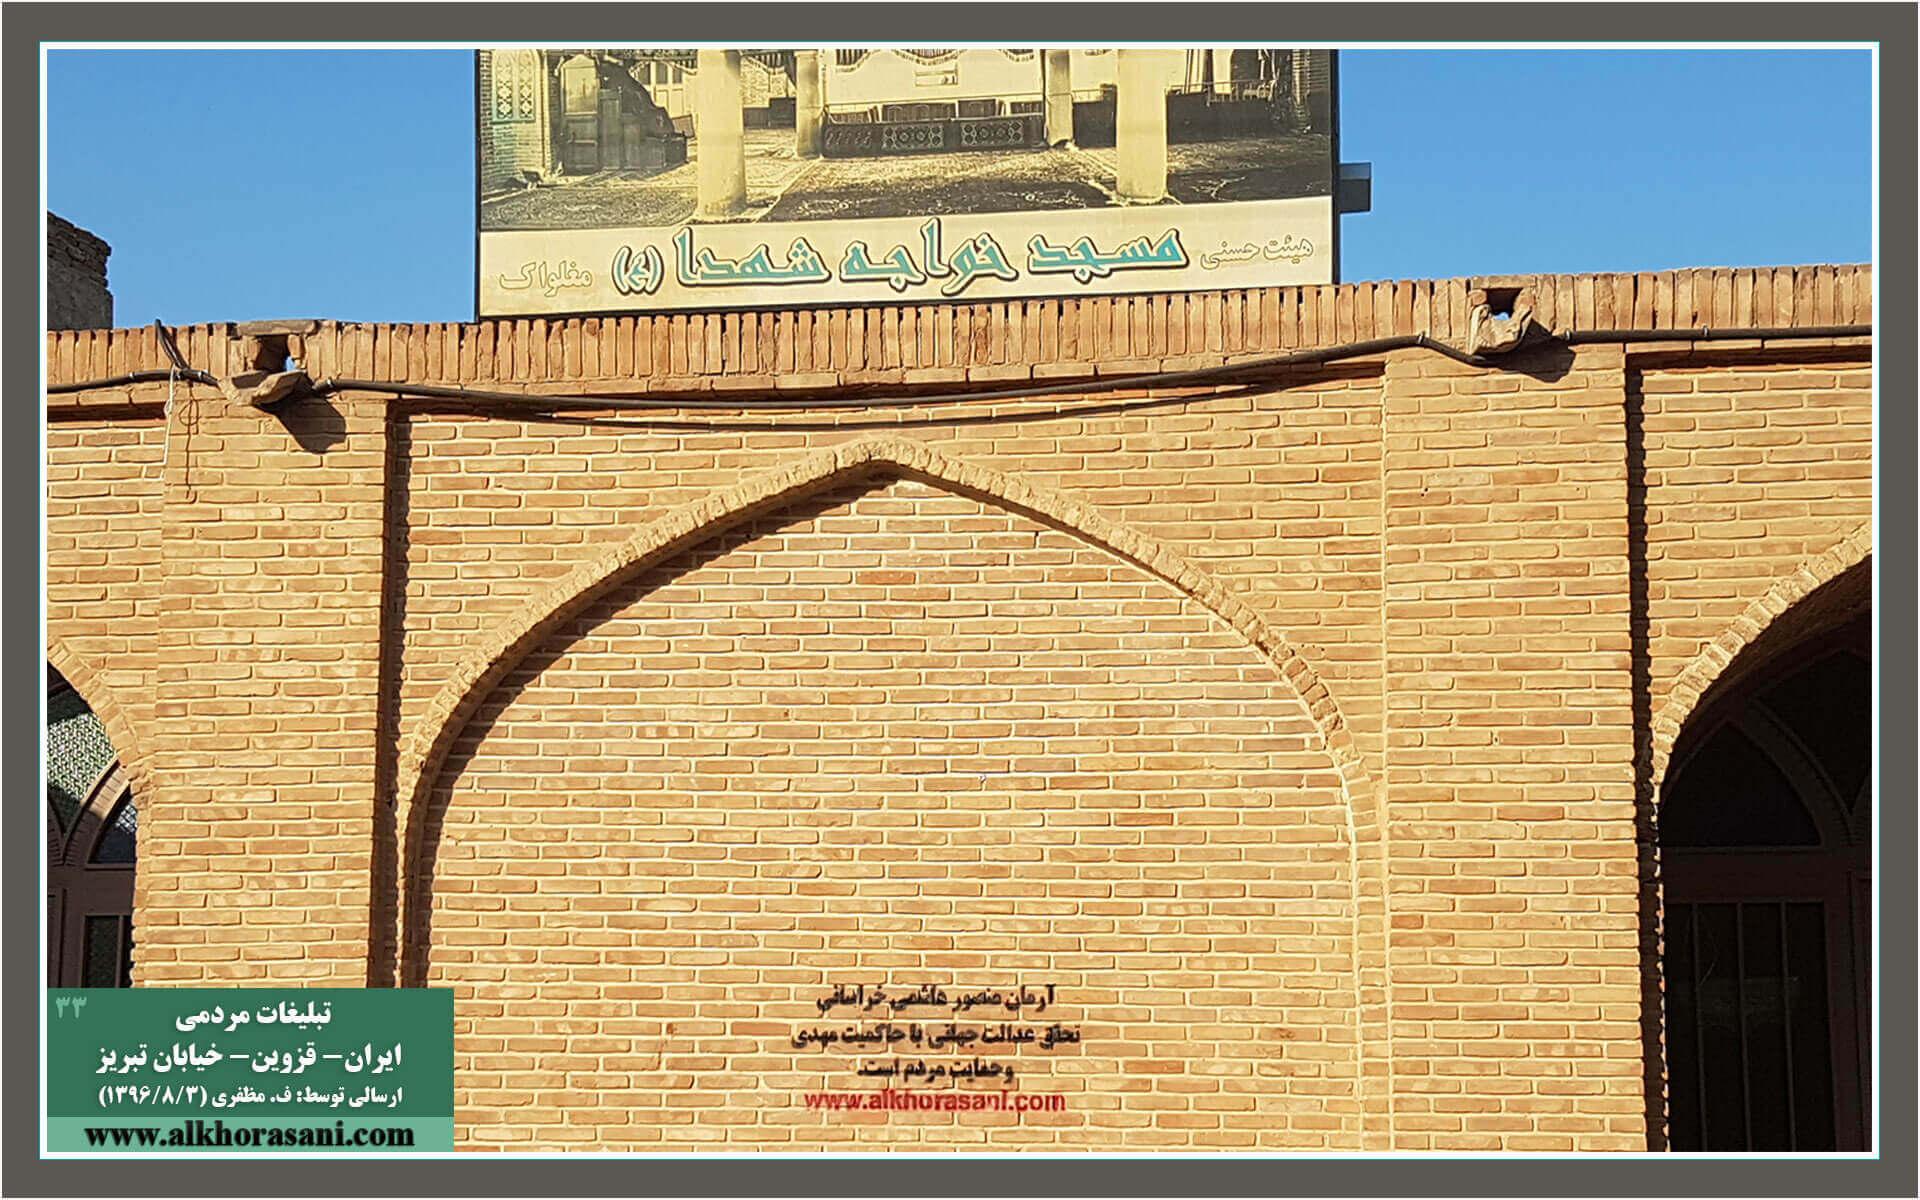 تصاویر تبلیغ نهضت منصور هاشمی خراسانی قزوین